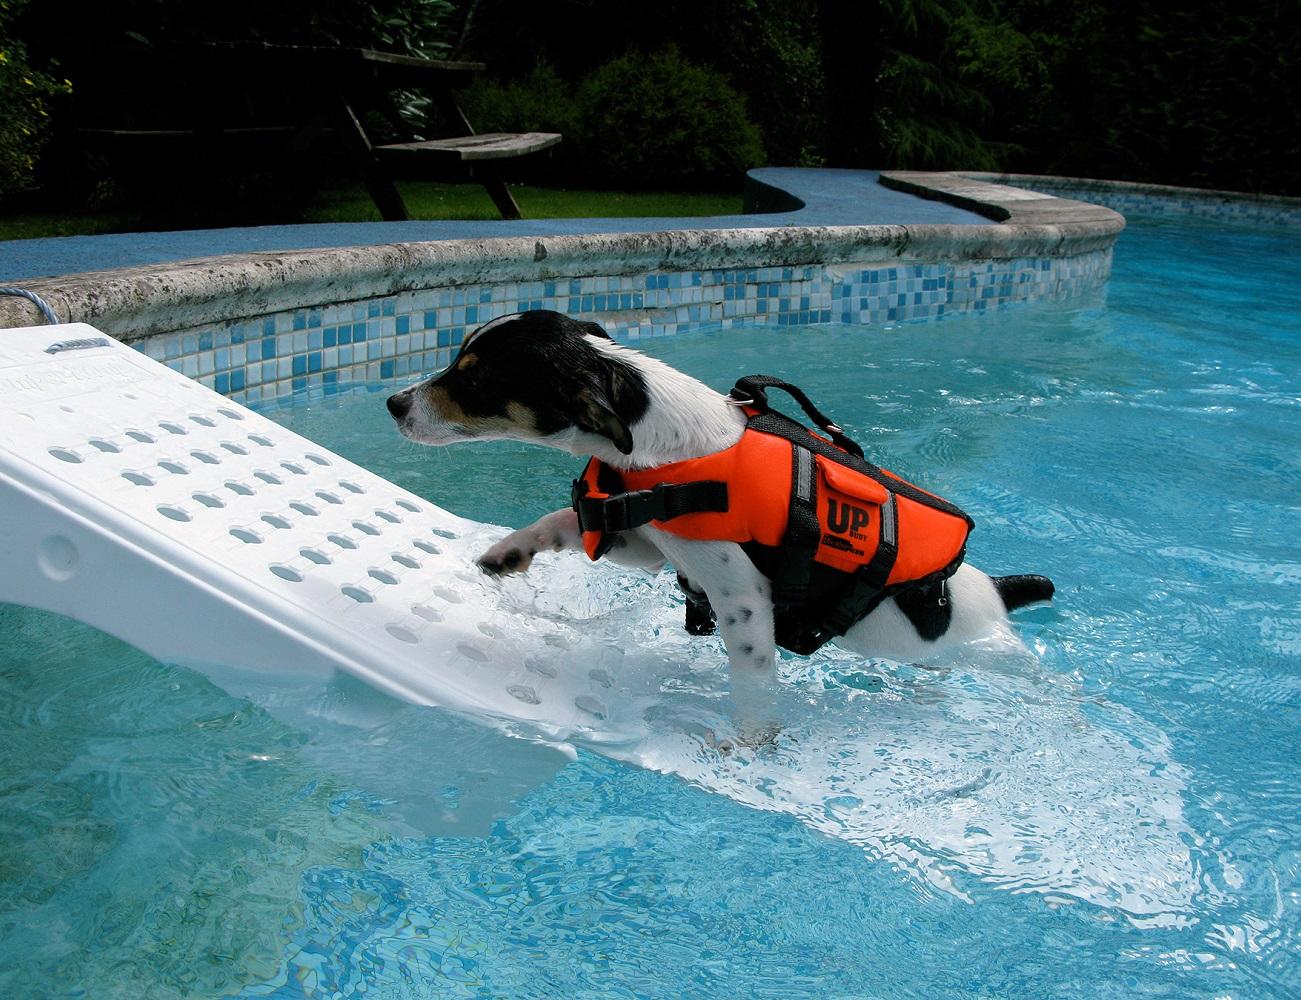 Skamper+Pet+Pool+Escape+Ramp